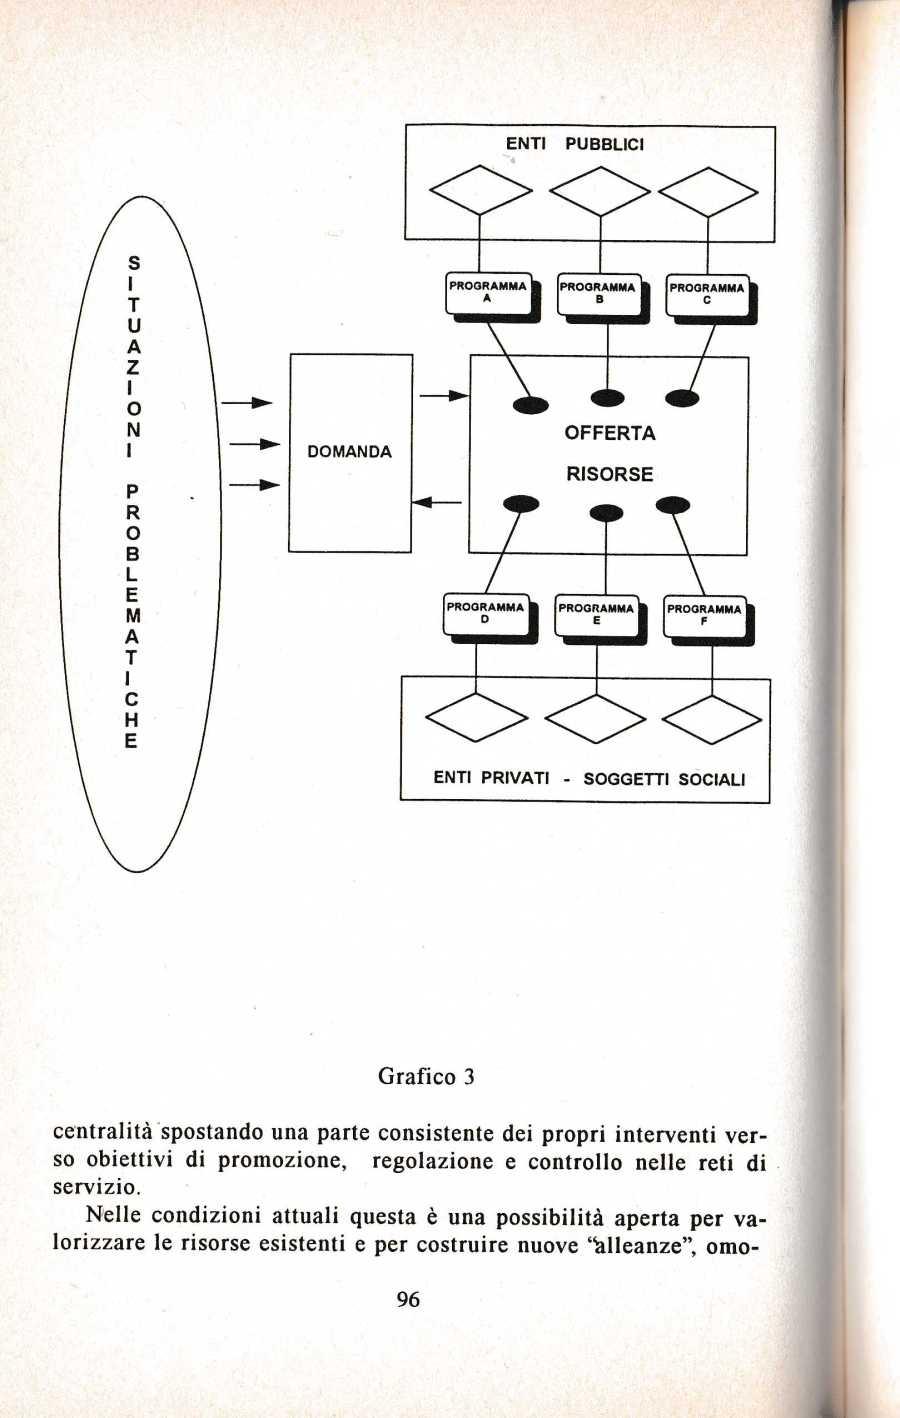 ferrario p 19952280